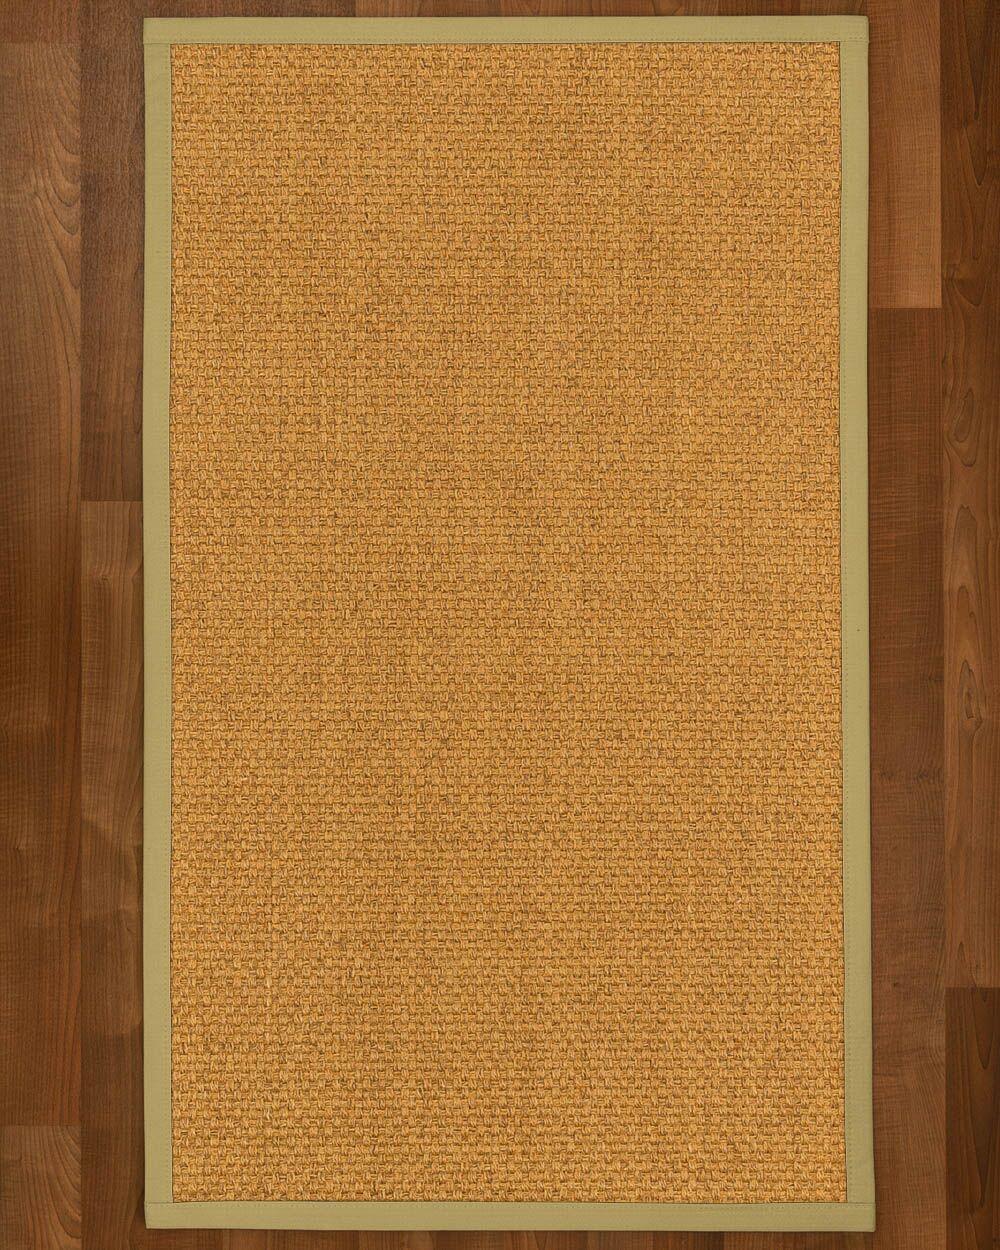 Andlau Hand Woven Brown Area Rug Rug Size: Rectangle 12' x 15'